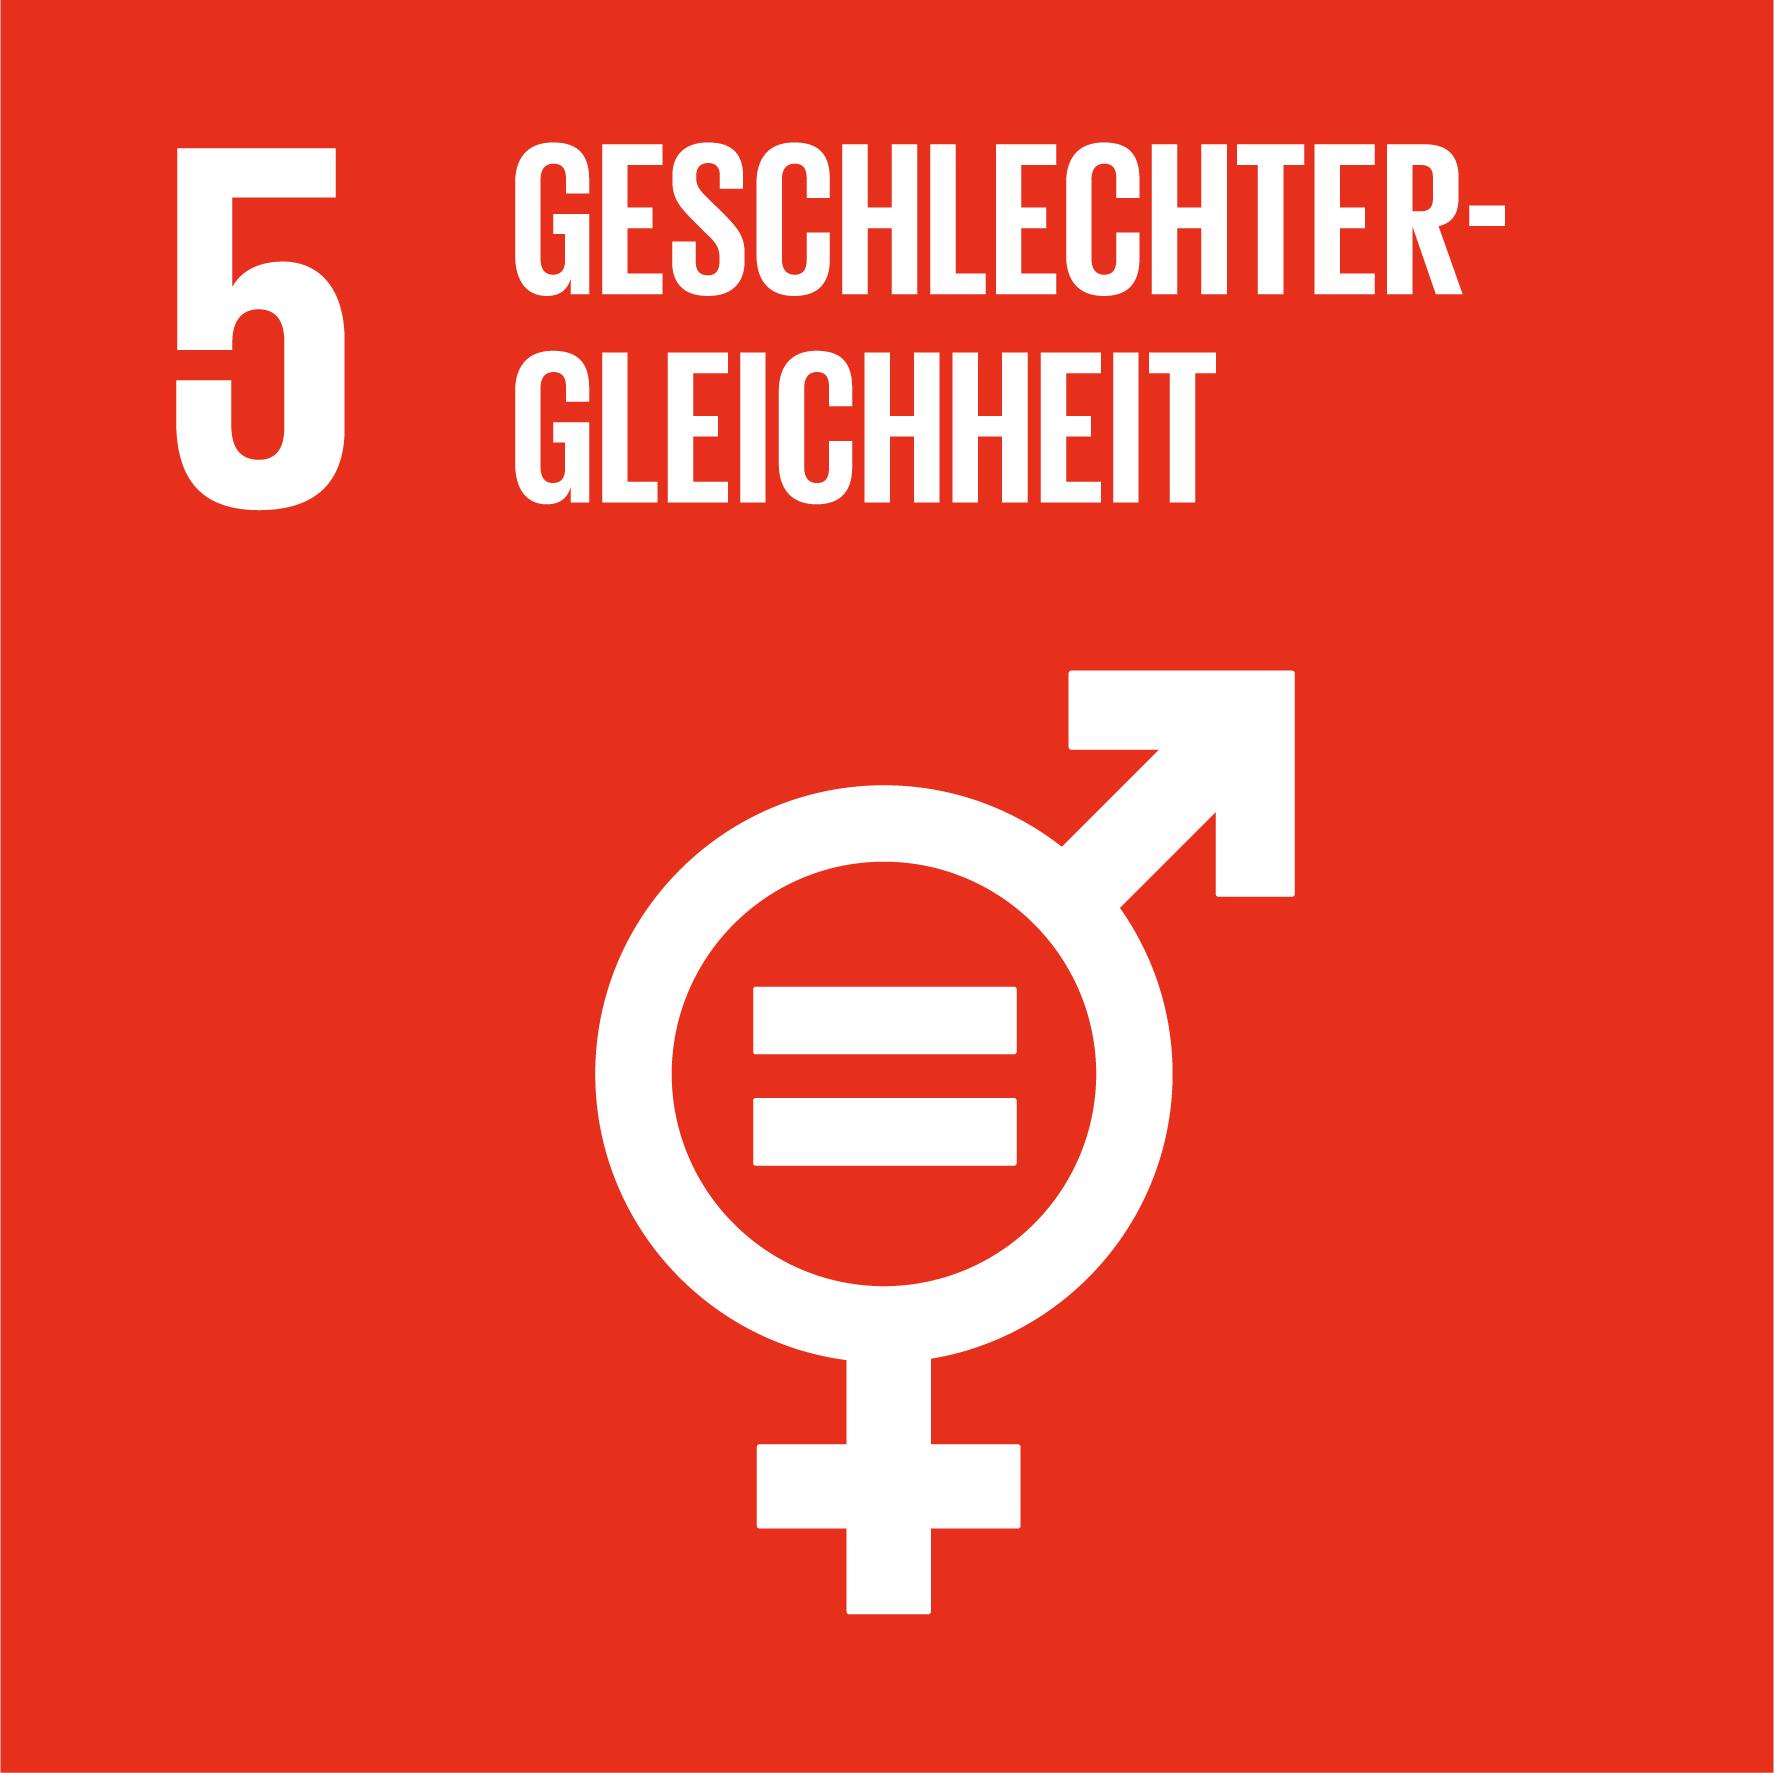 SDG 5 Geschlechter-Gleichheit